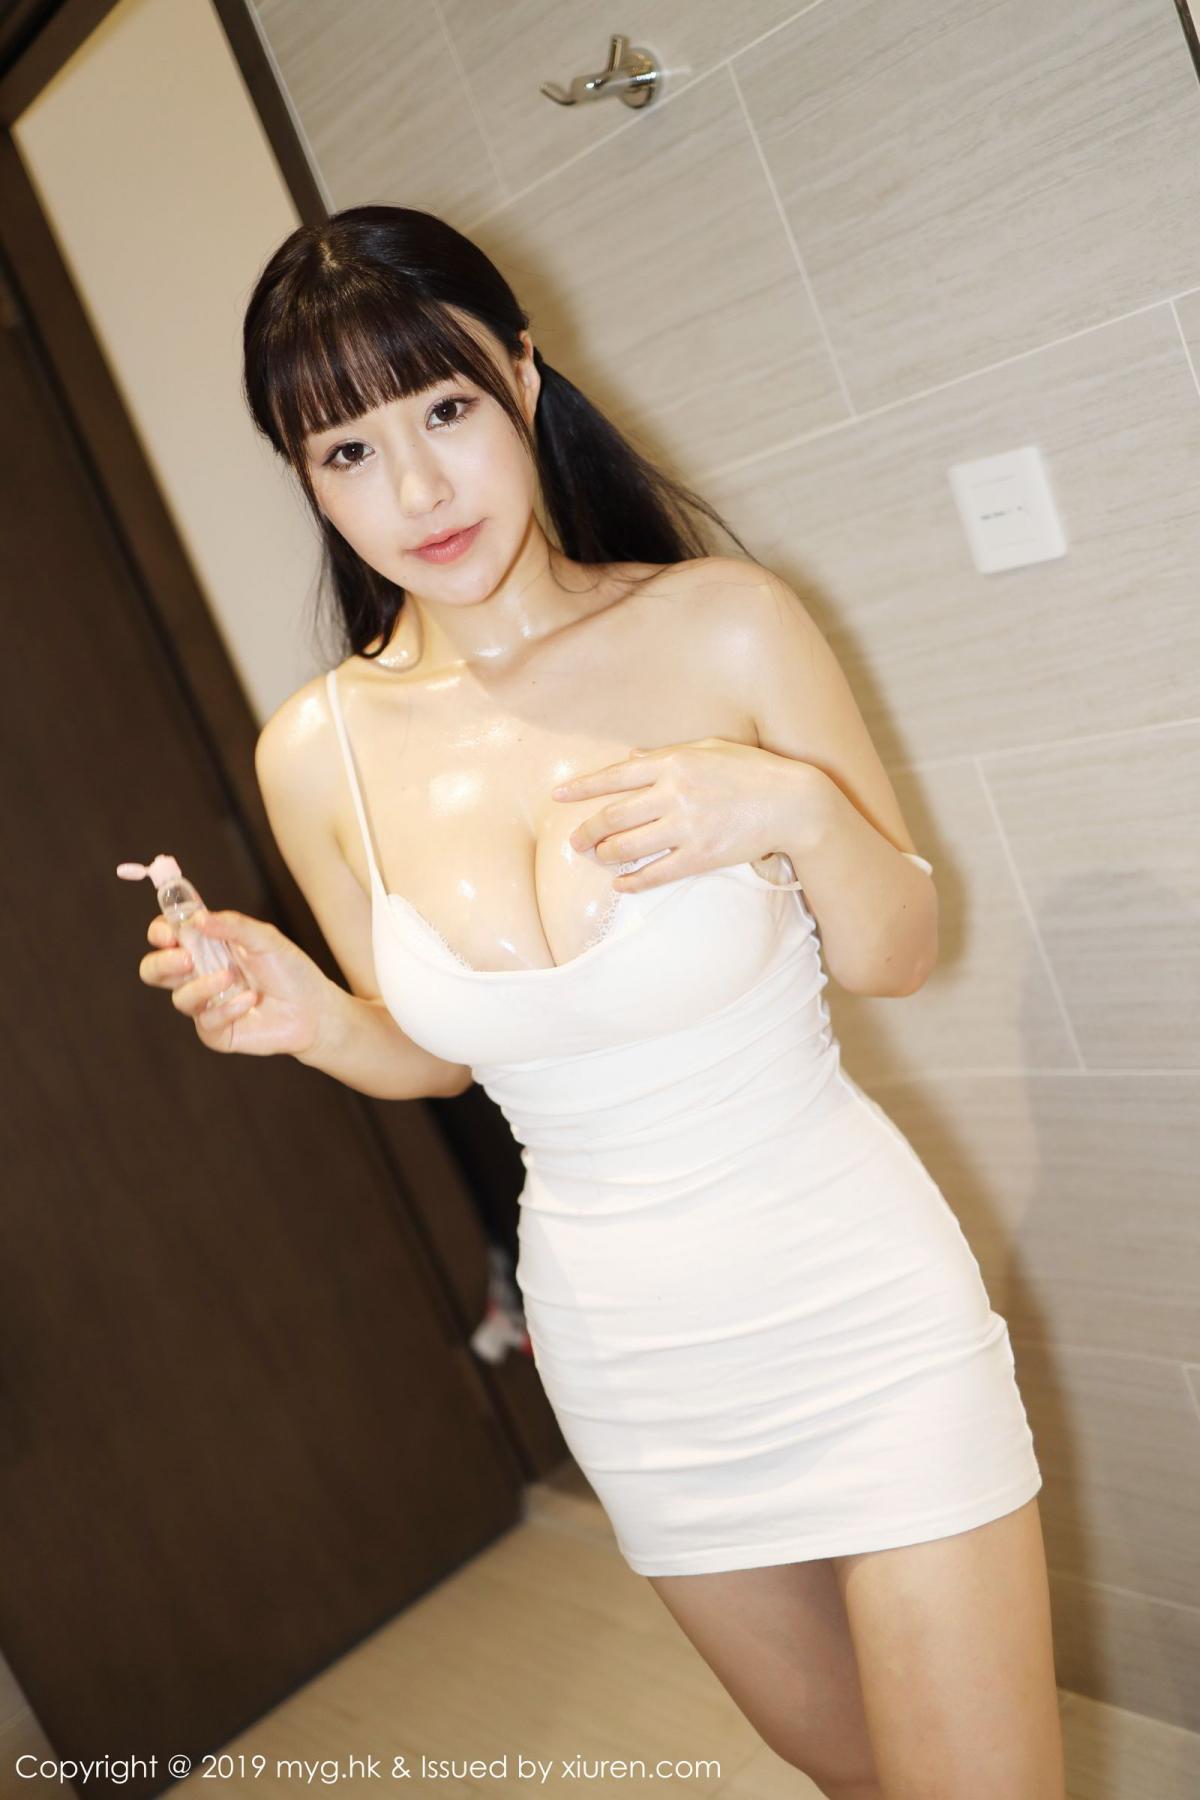 [MyGirl] Vol.367 Zhu Ke Er 6P, mygirl, Zhu Ke Er